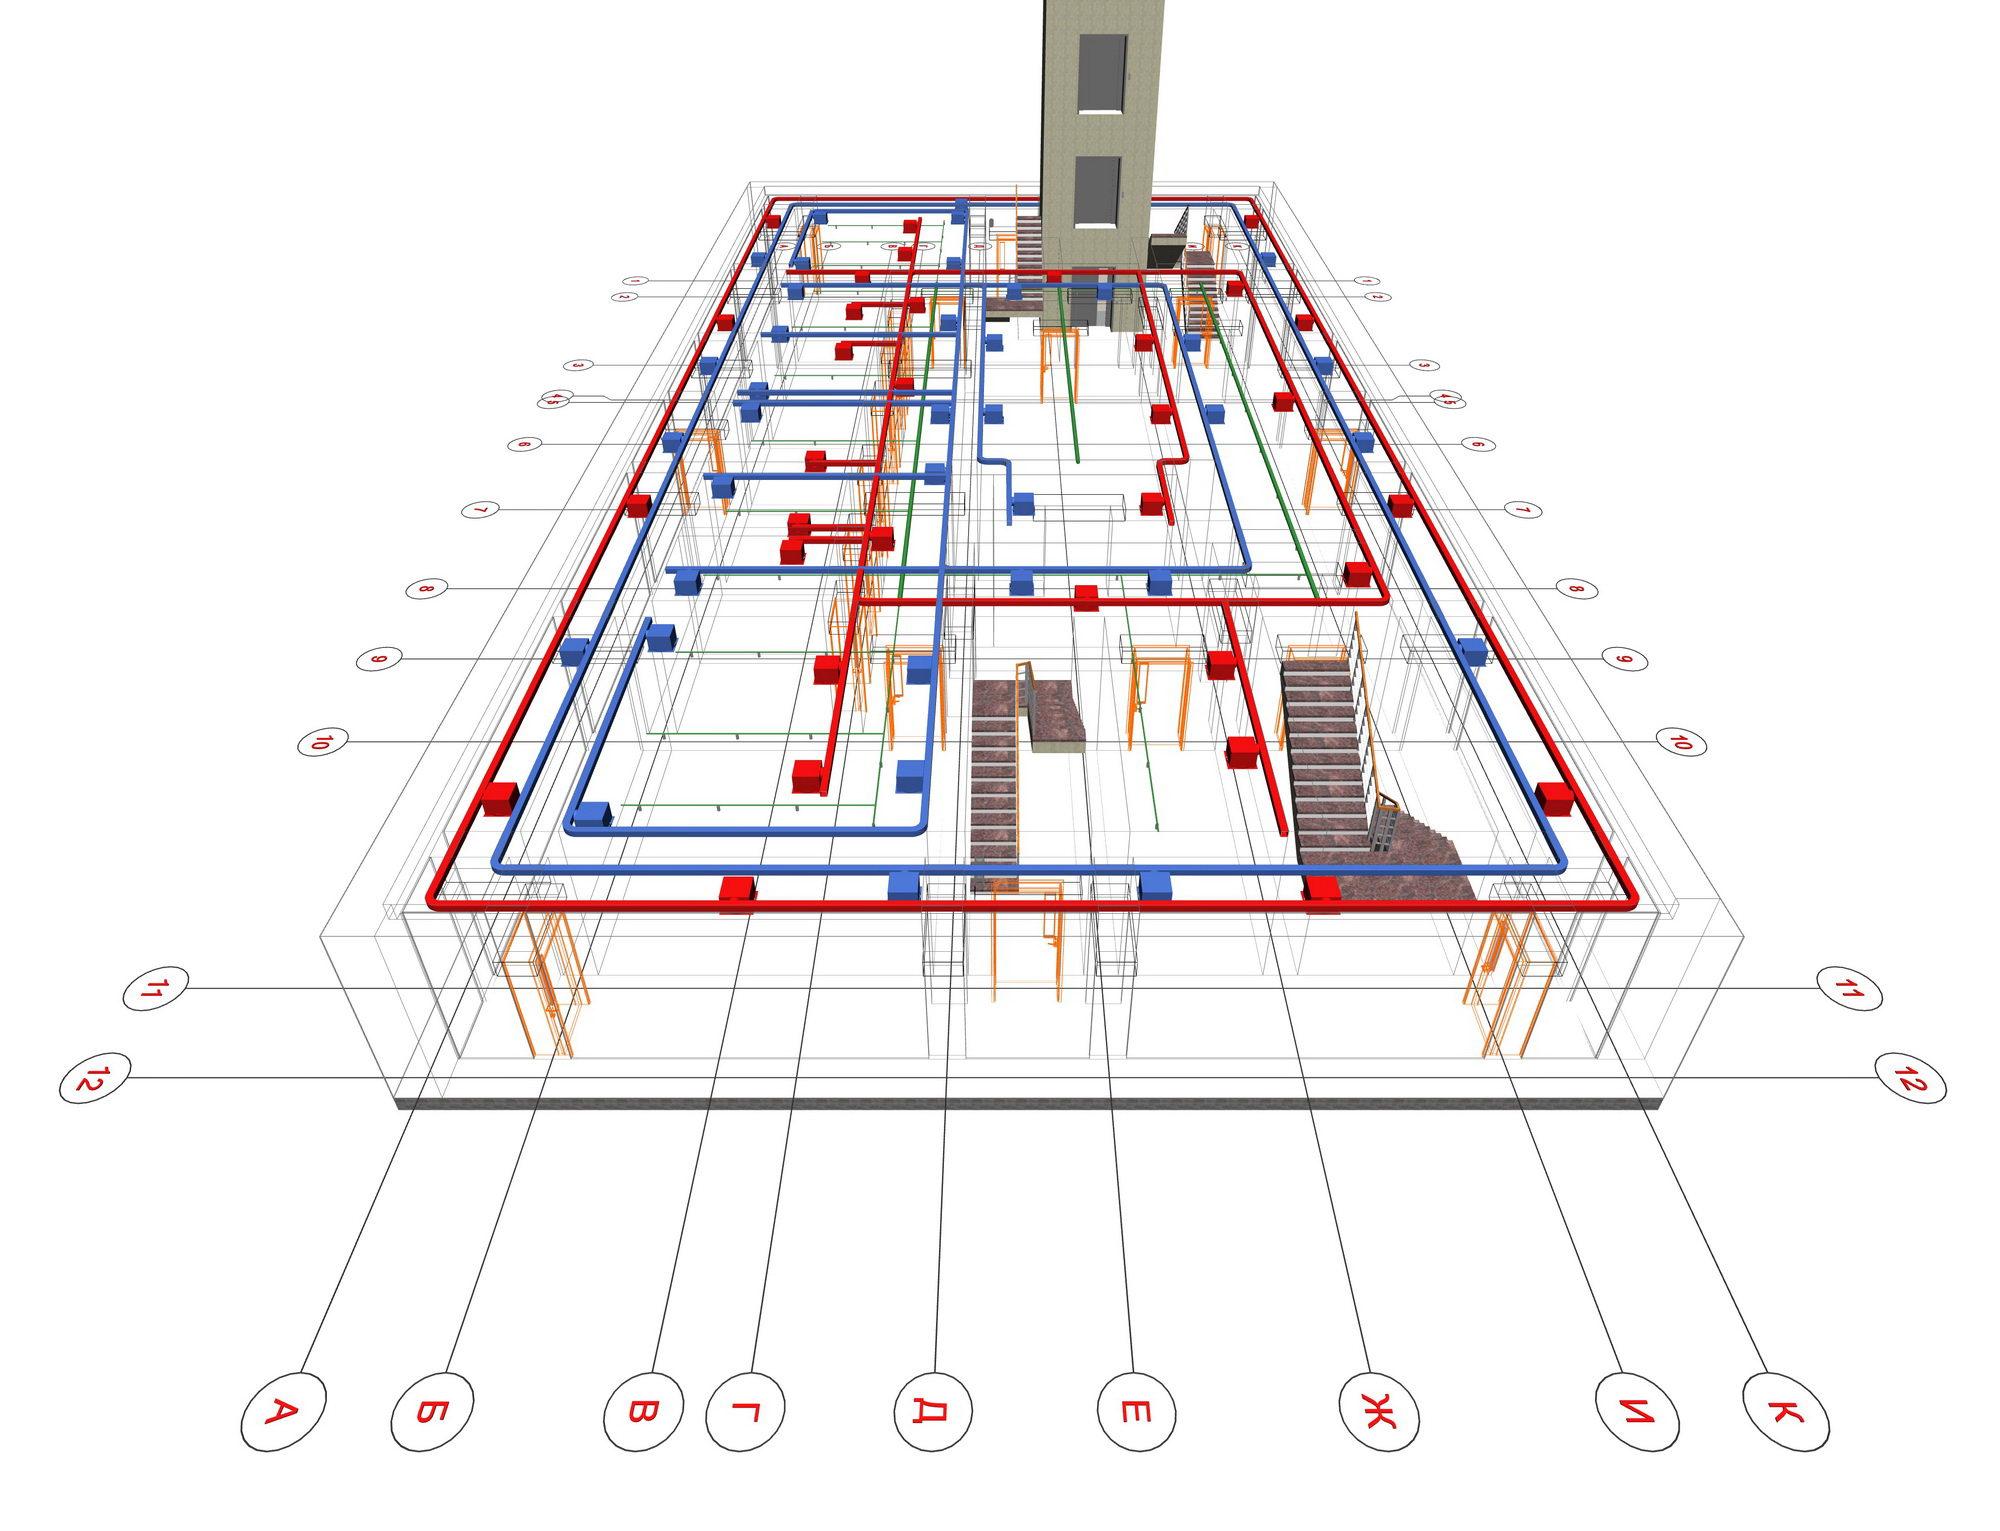 При проектировании можно сделать моделирование, чтобы увидеть особенности эксплуатации будущей системы защиты.